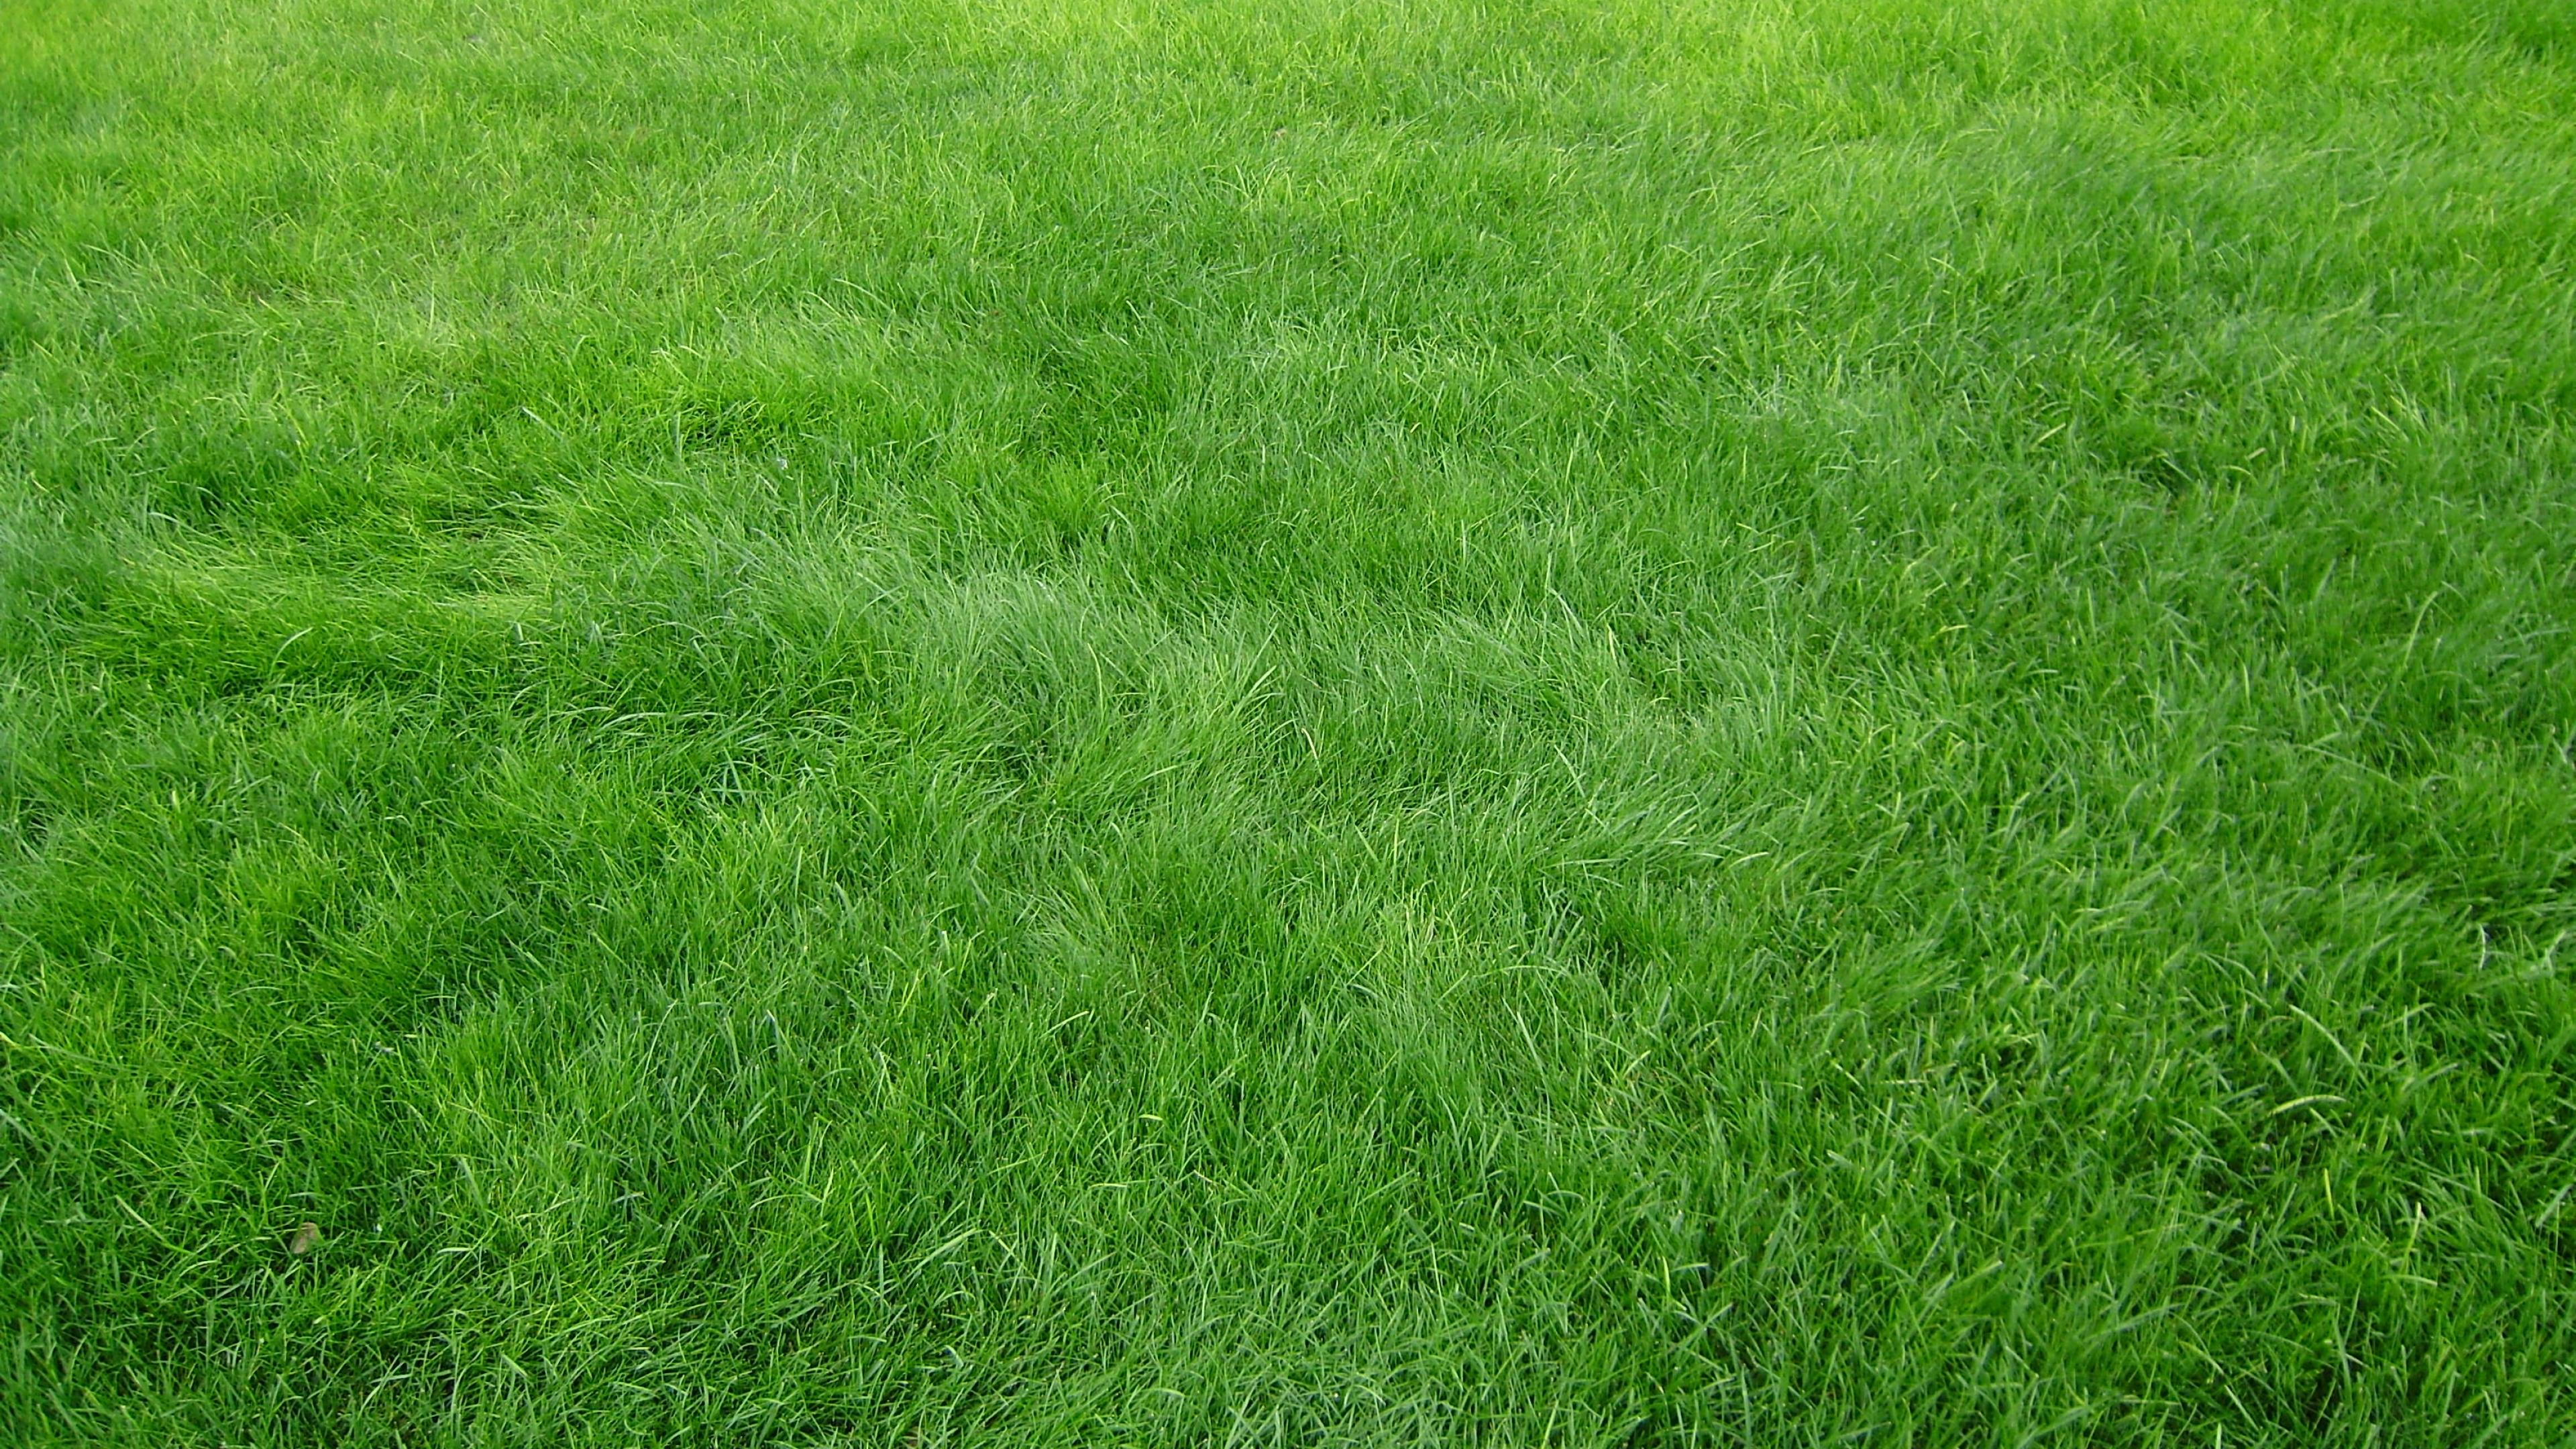 4K Wallpaper Grass WallpaperSafari